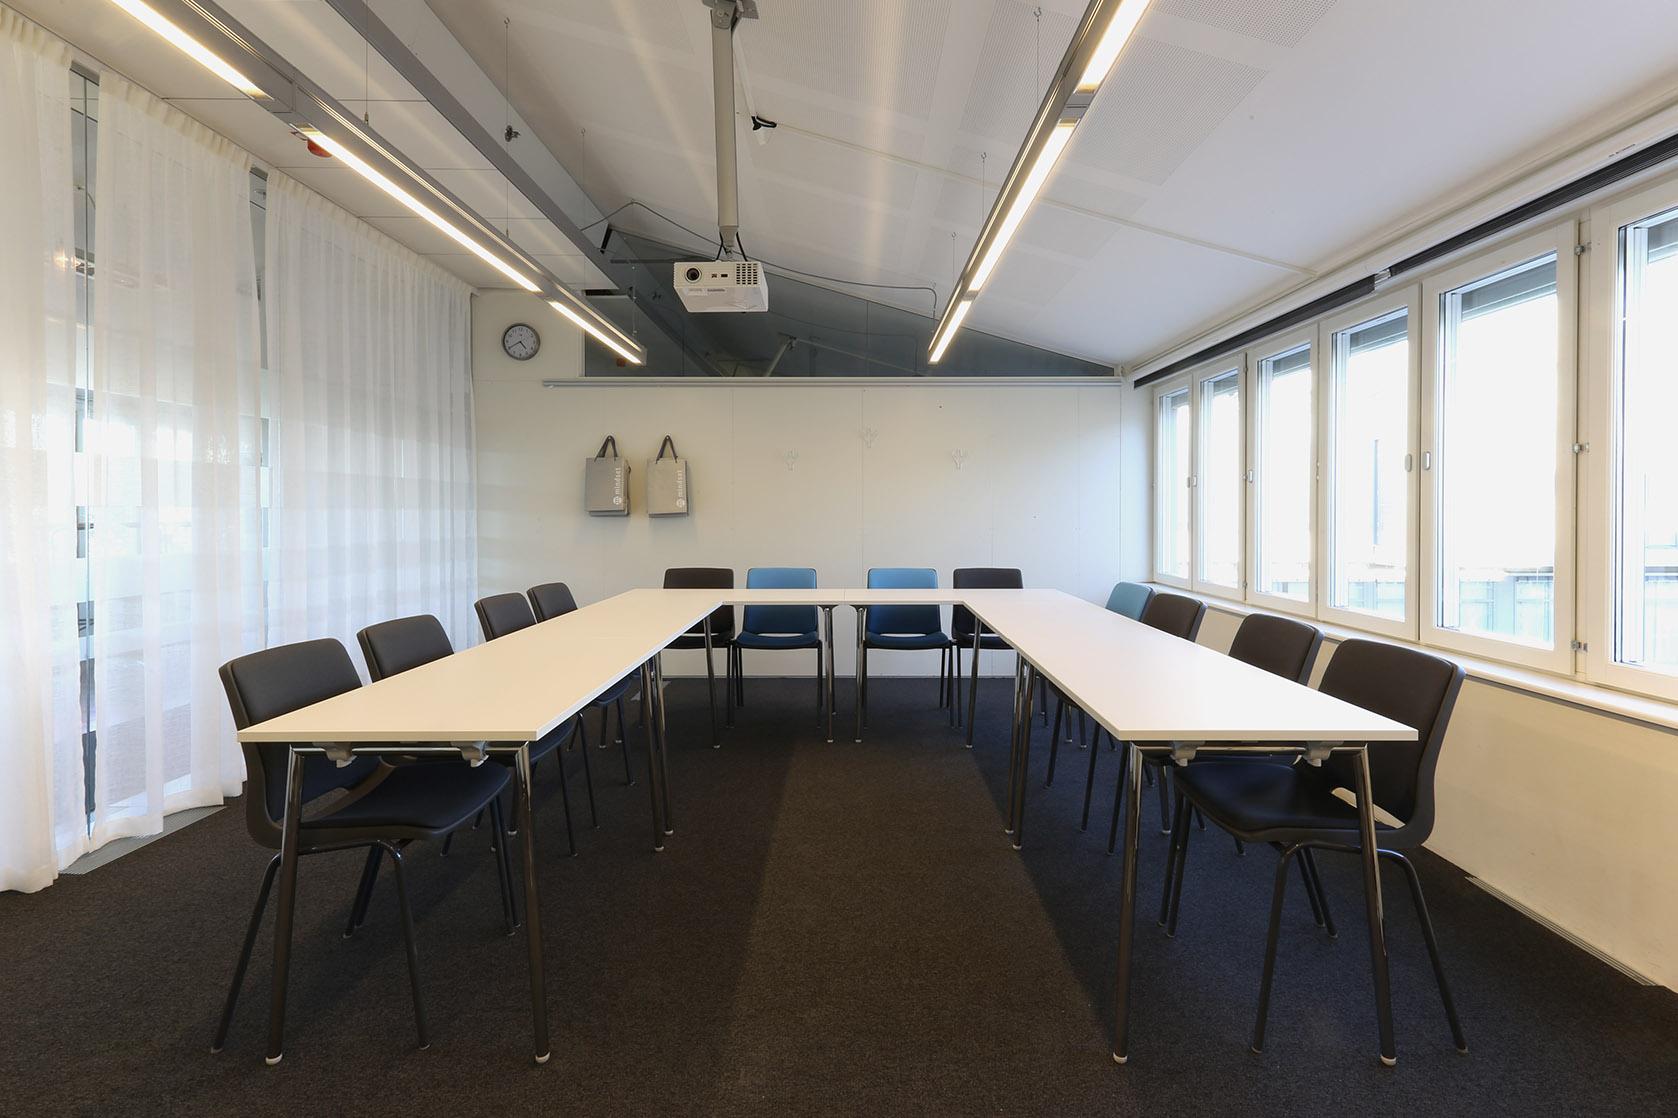 Mindset Konferens - Konferenslokaler centralt i Stockholm